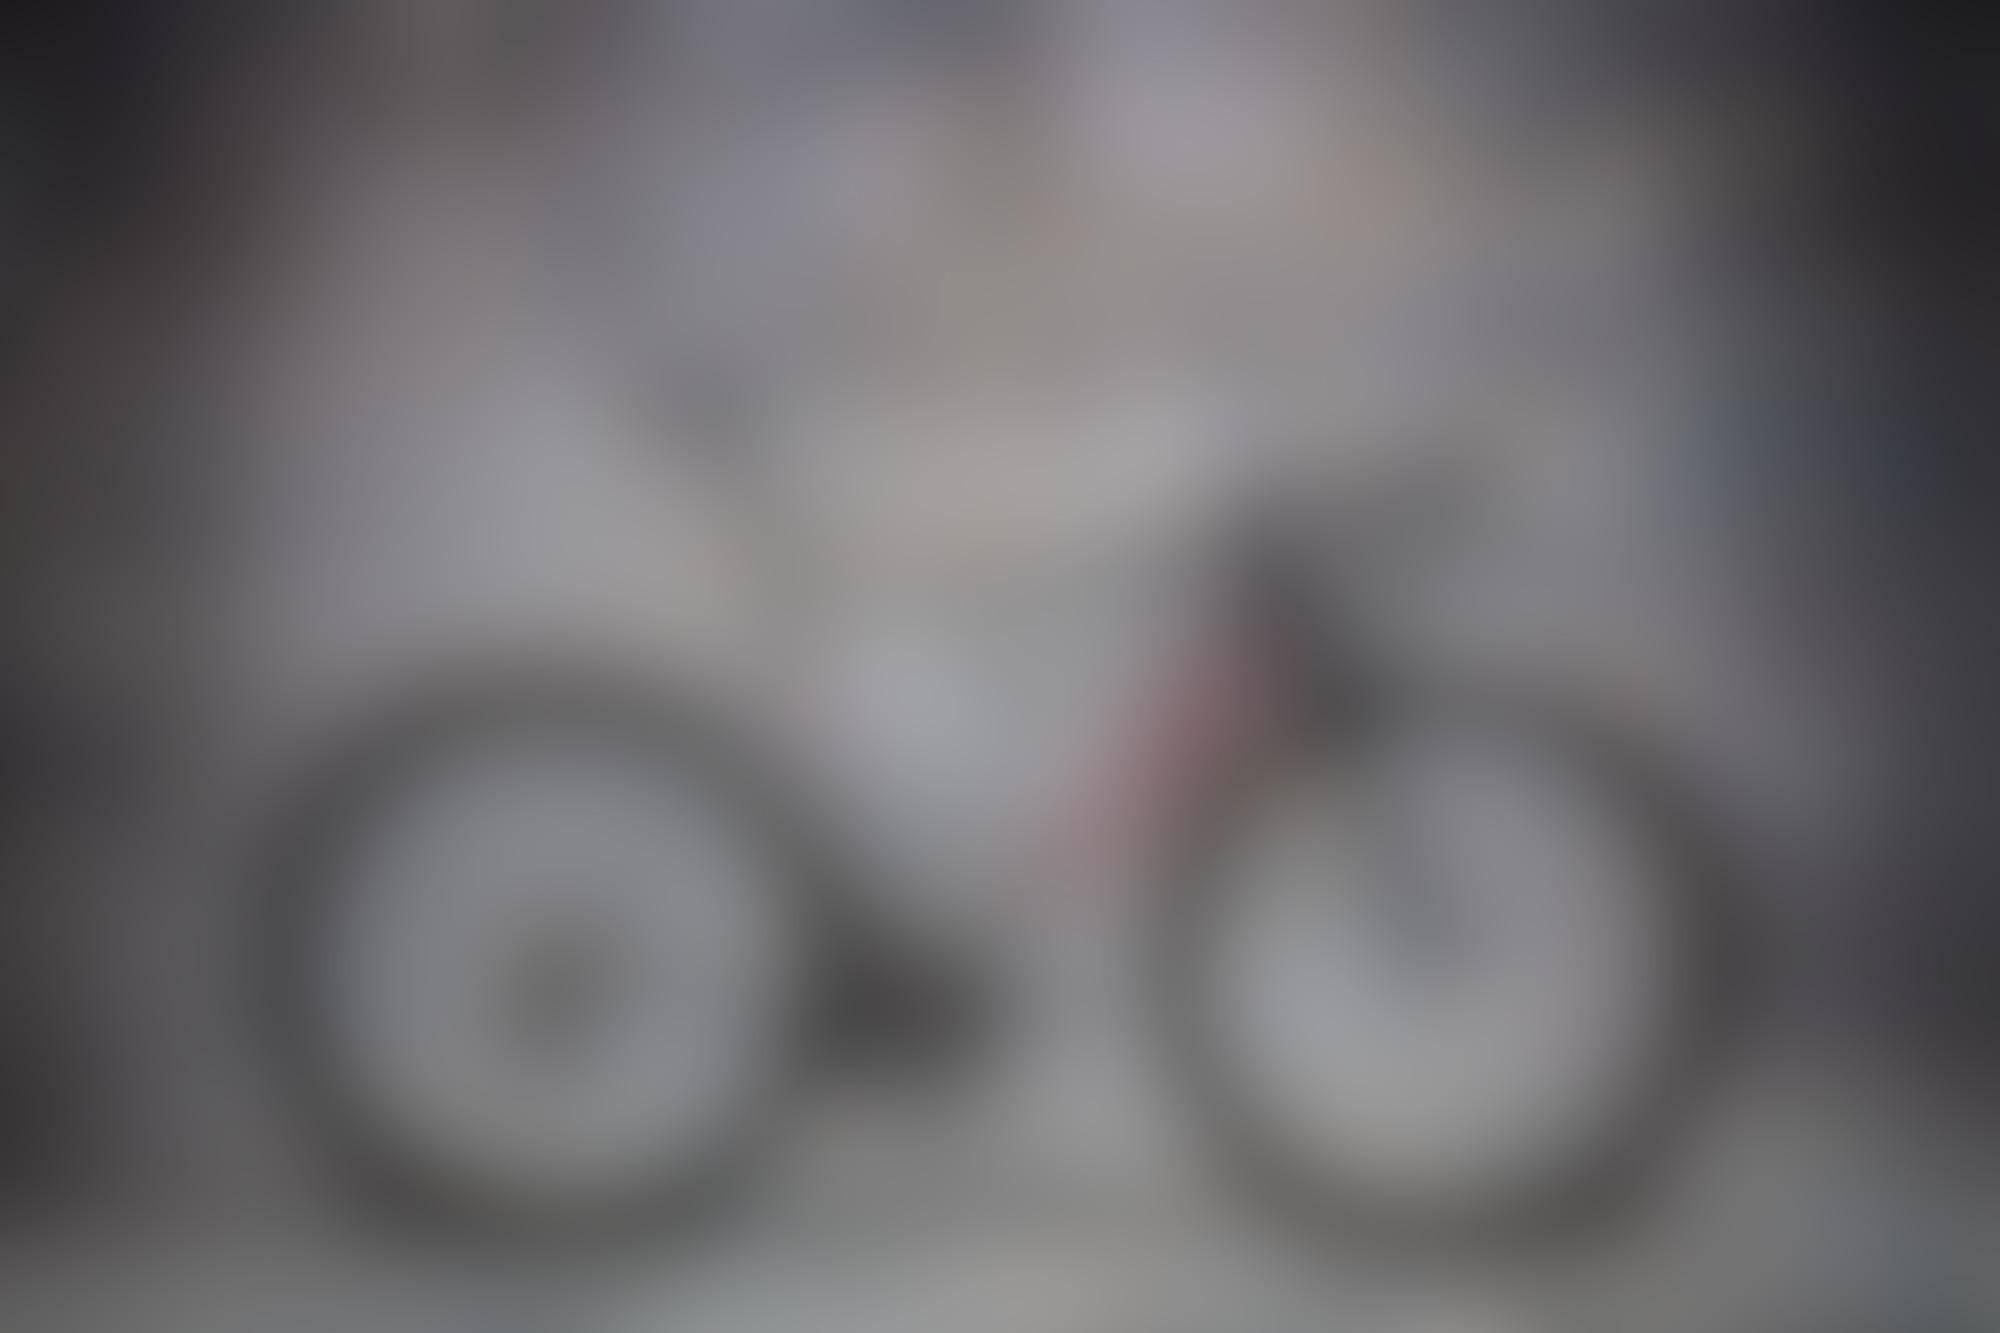 RCC Canyon Bike 0920 preview autocompressfitresizeixlibphp 1 1 0max h2000max w3 D2000q80s0ab4e1ae3532911e6ccfd3e038e04458